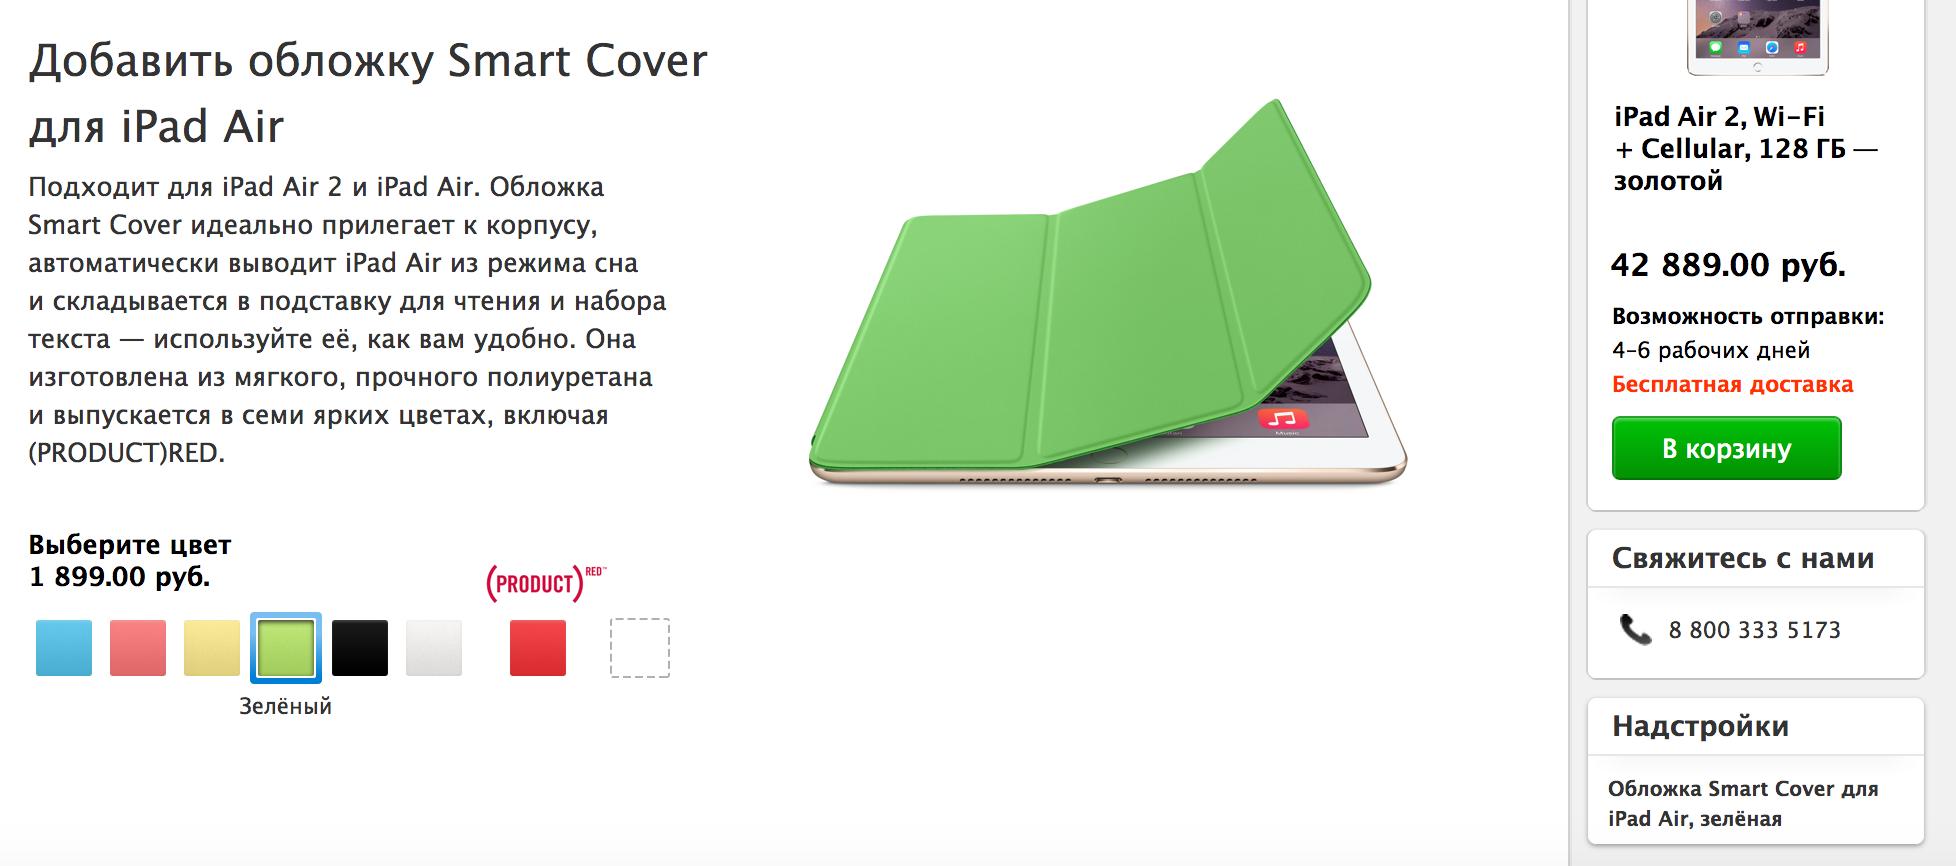 Новые iPad доступны для покупки в России